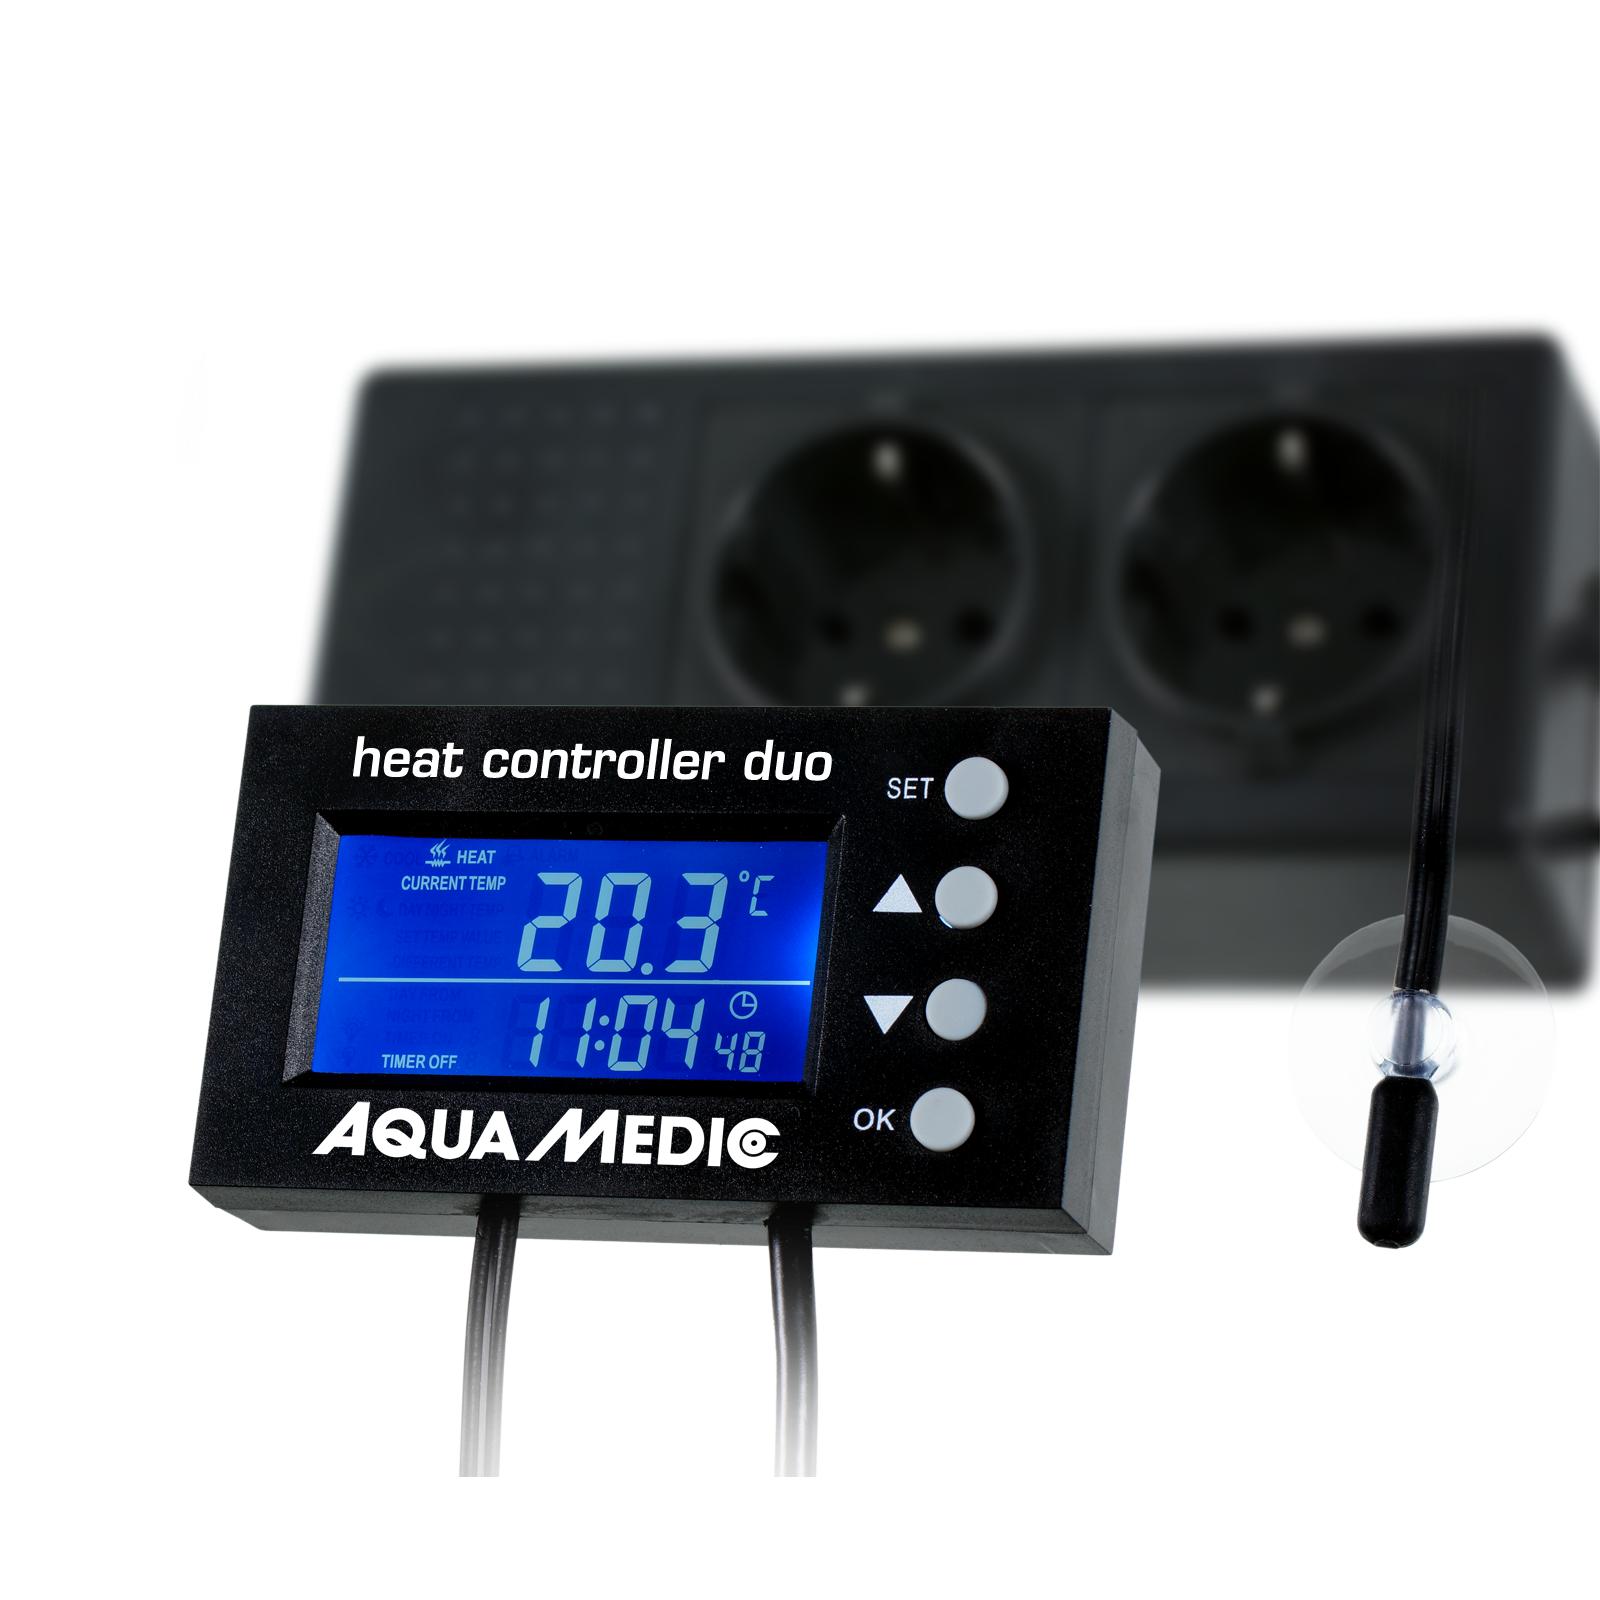 AQUA MEDIC Heat Controller Duo contrôleur numérique de température avec double prise pour câble chauffant et chauffage